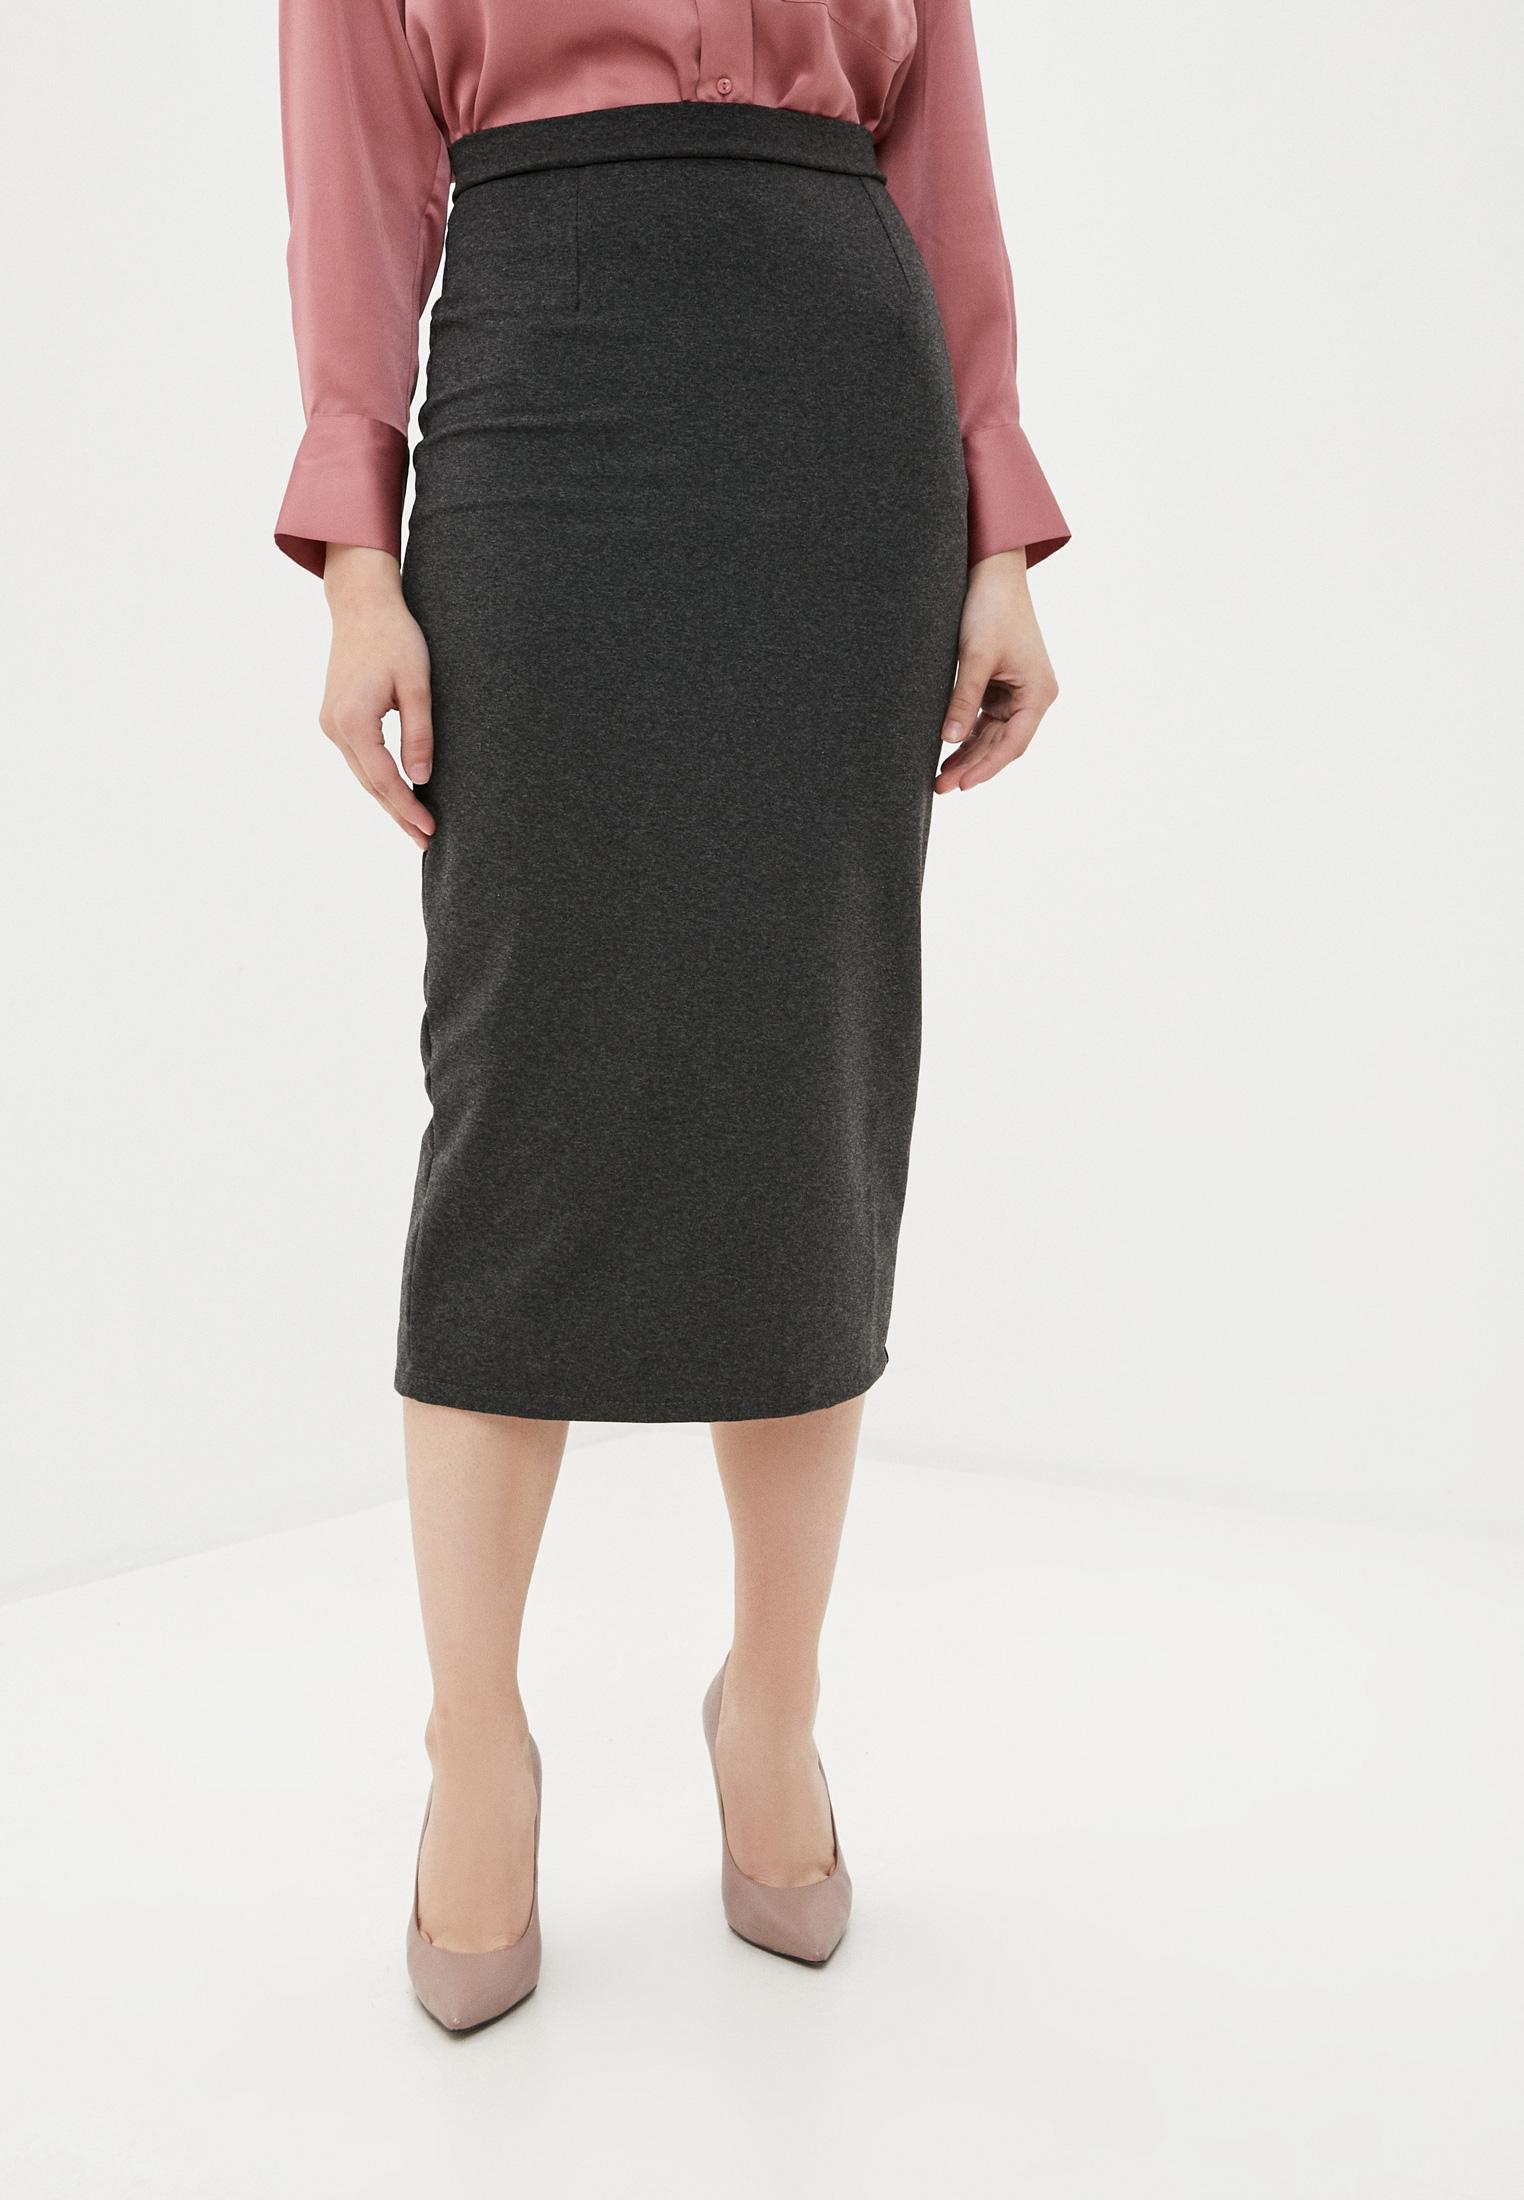 Прямая юбка Winzor (Винзор) Ю102